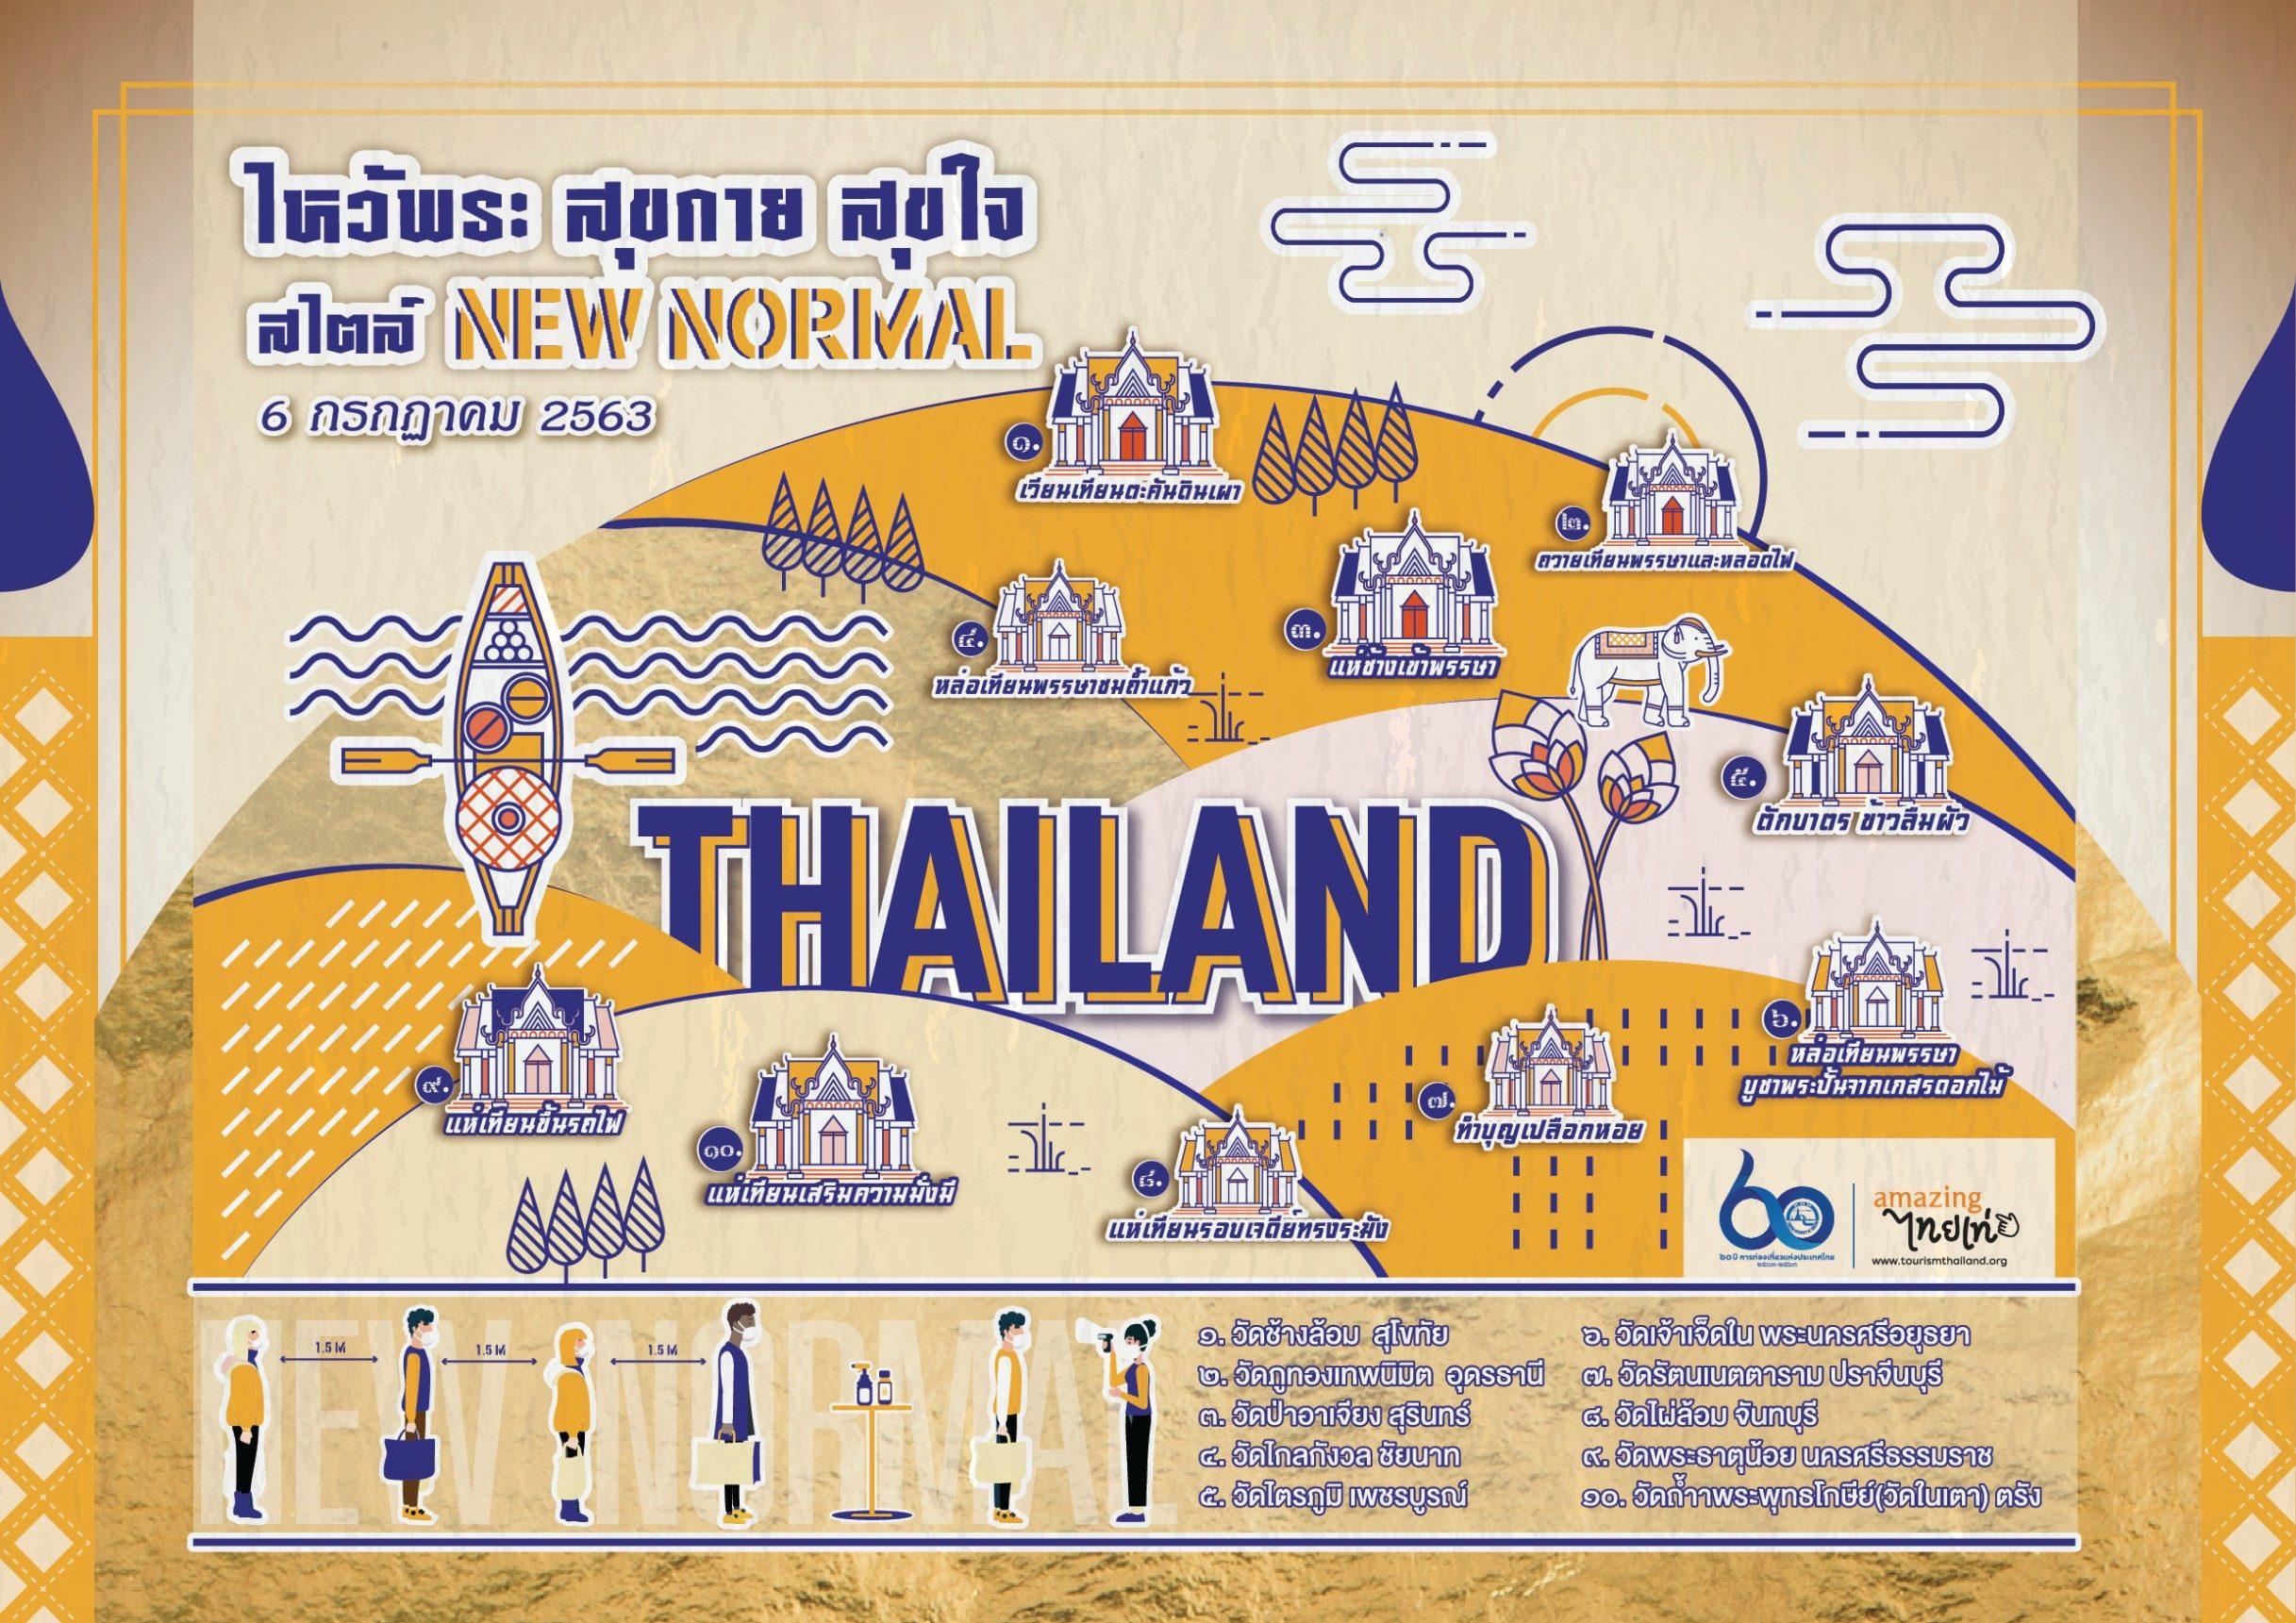 'ททท.' เปิดแคมเปญทำบุญทั่วไทย รับวันเข้าพรรษา